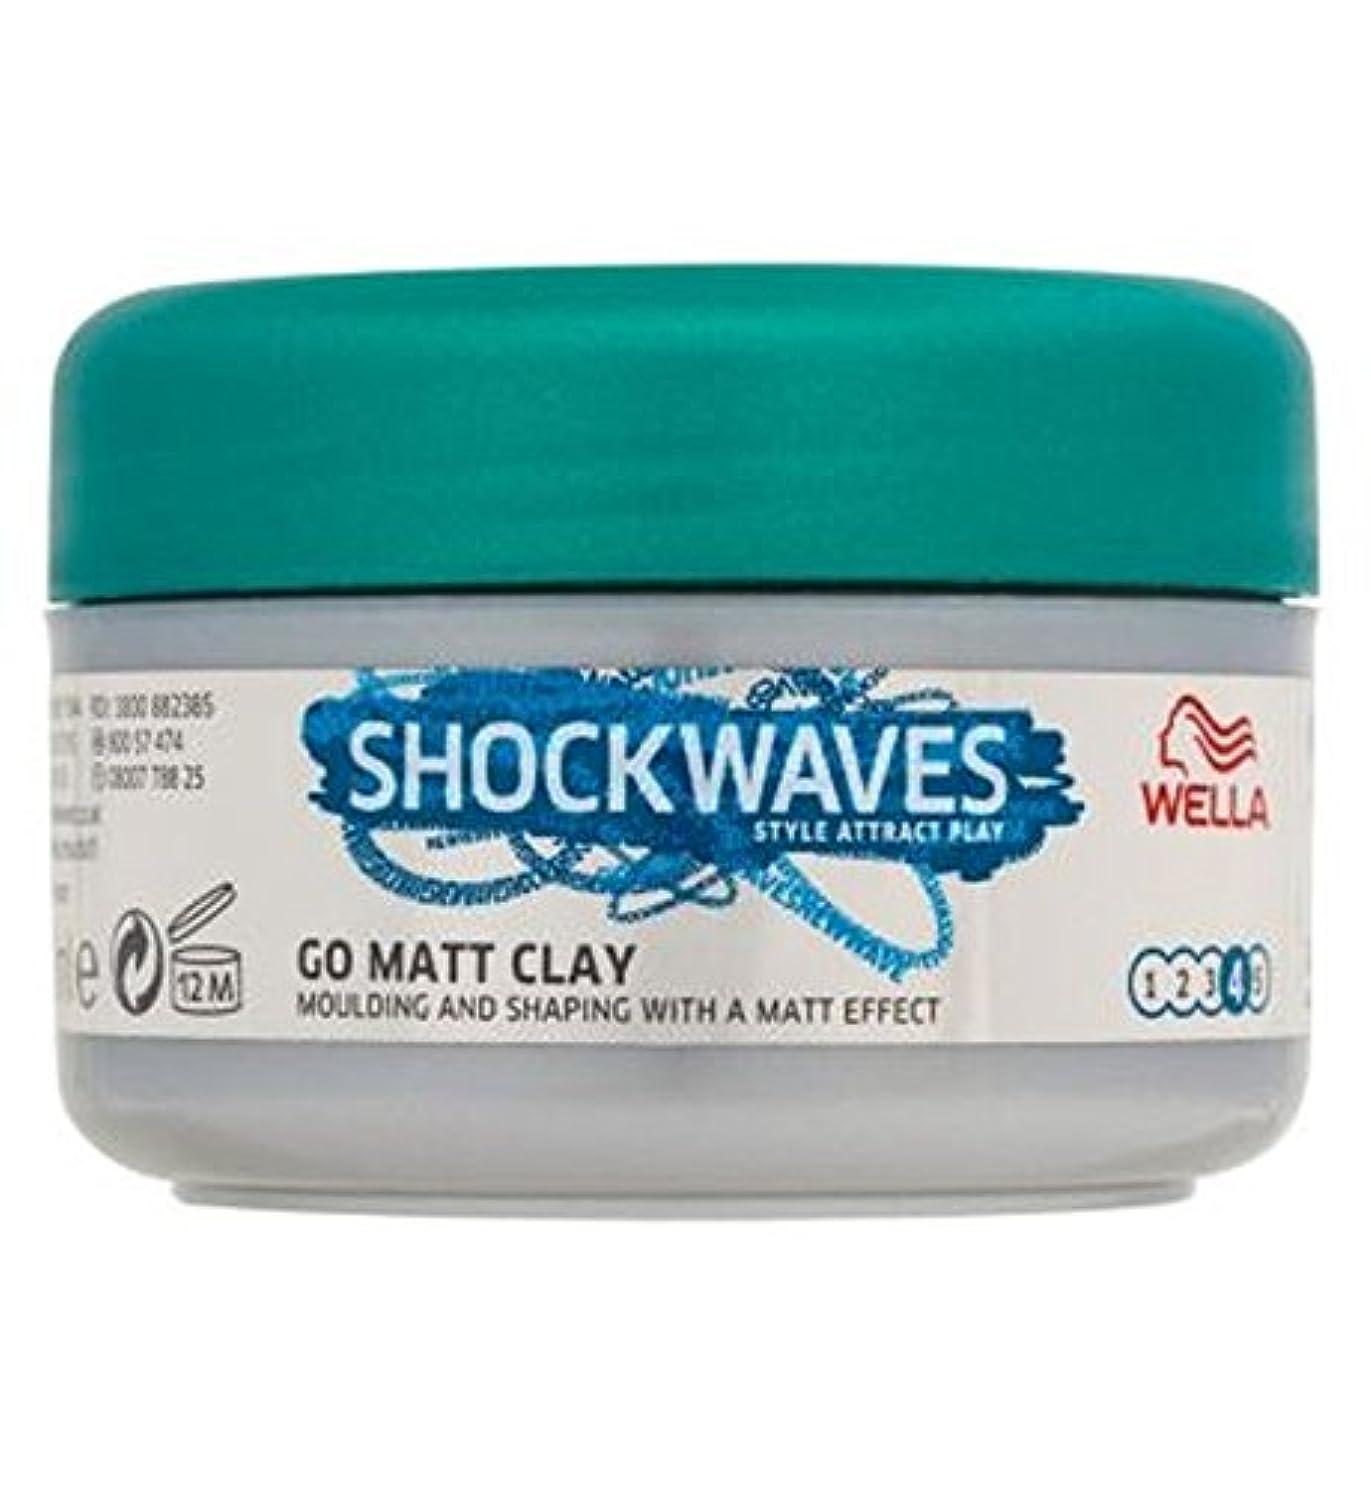 警察署後方実証するWella Shockwaves Extrovert Go Matt Clay 75ml - ウエラの衝撃波の外向性はマット粘土75ミリリットルを行きます (Wella Shockwaves) [並行輸入品]